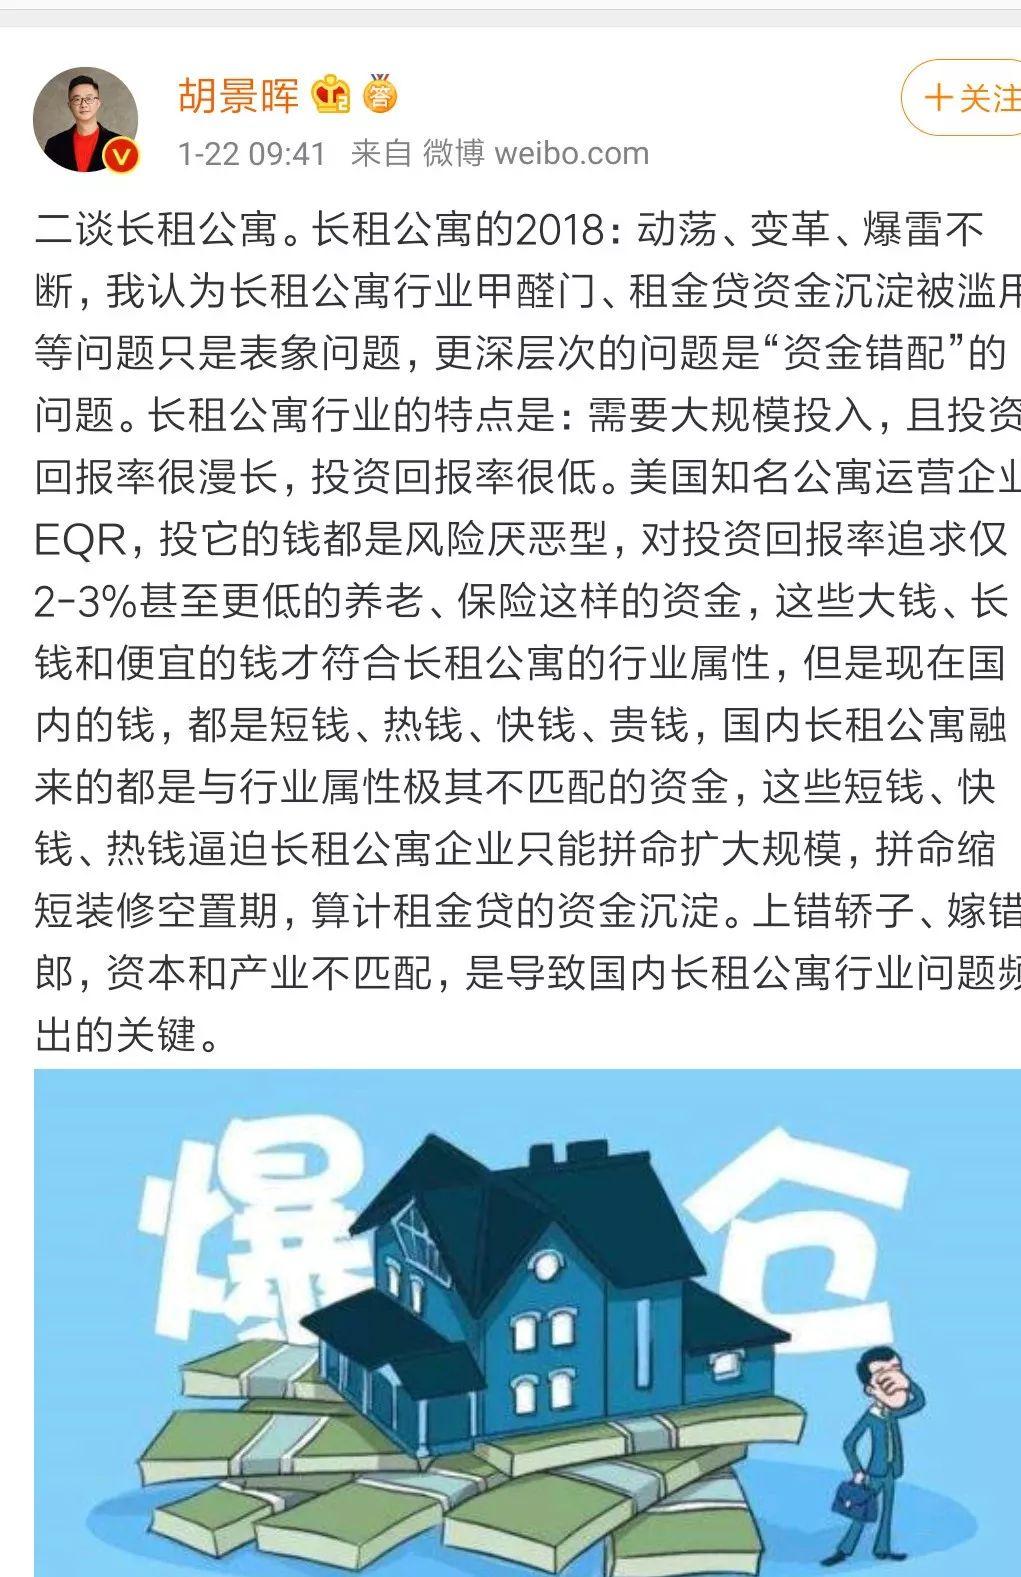 东电社·商办周报 | 乐伽公寓爆雷,问题在哪?资本退潮